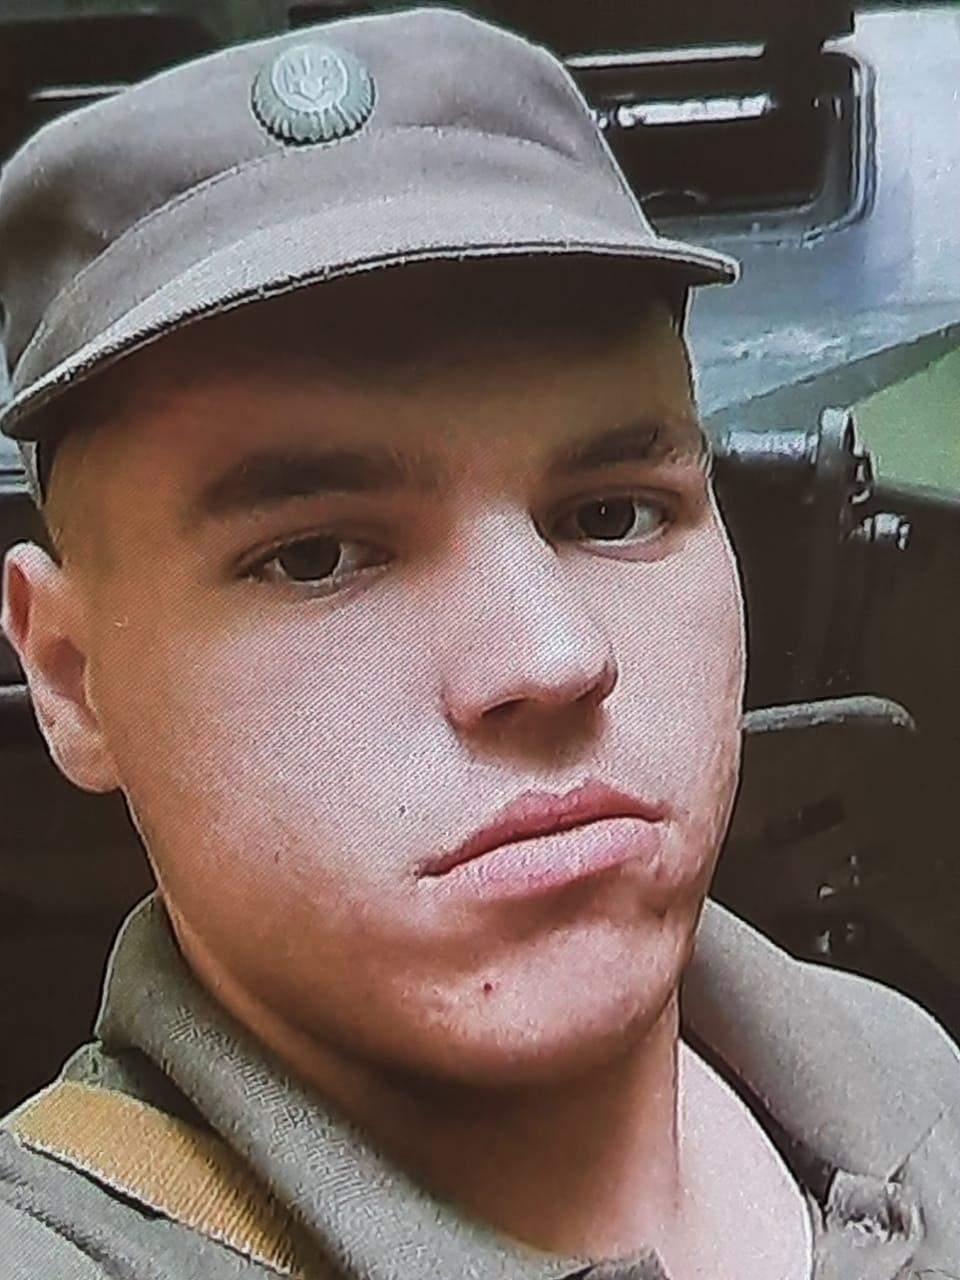 З військової частини Нацгвардії Львова зник солдат-контрактник: фото